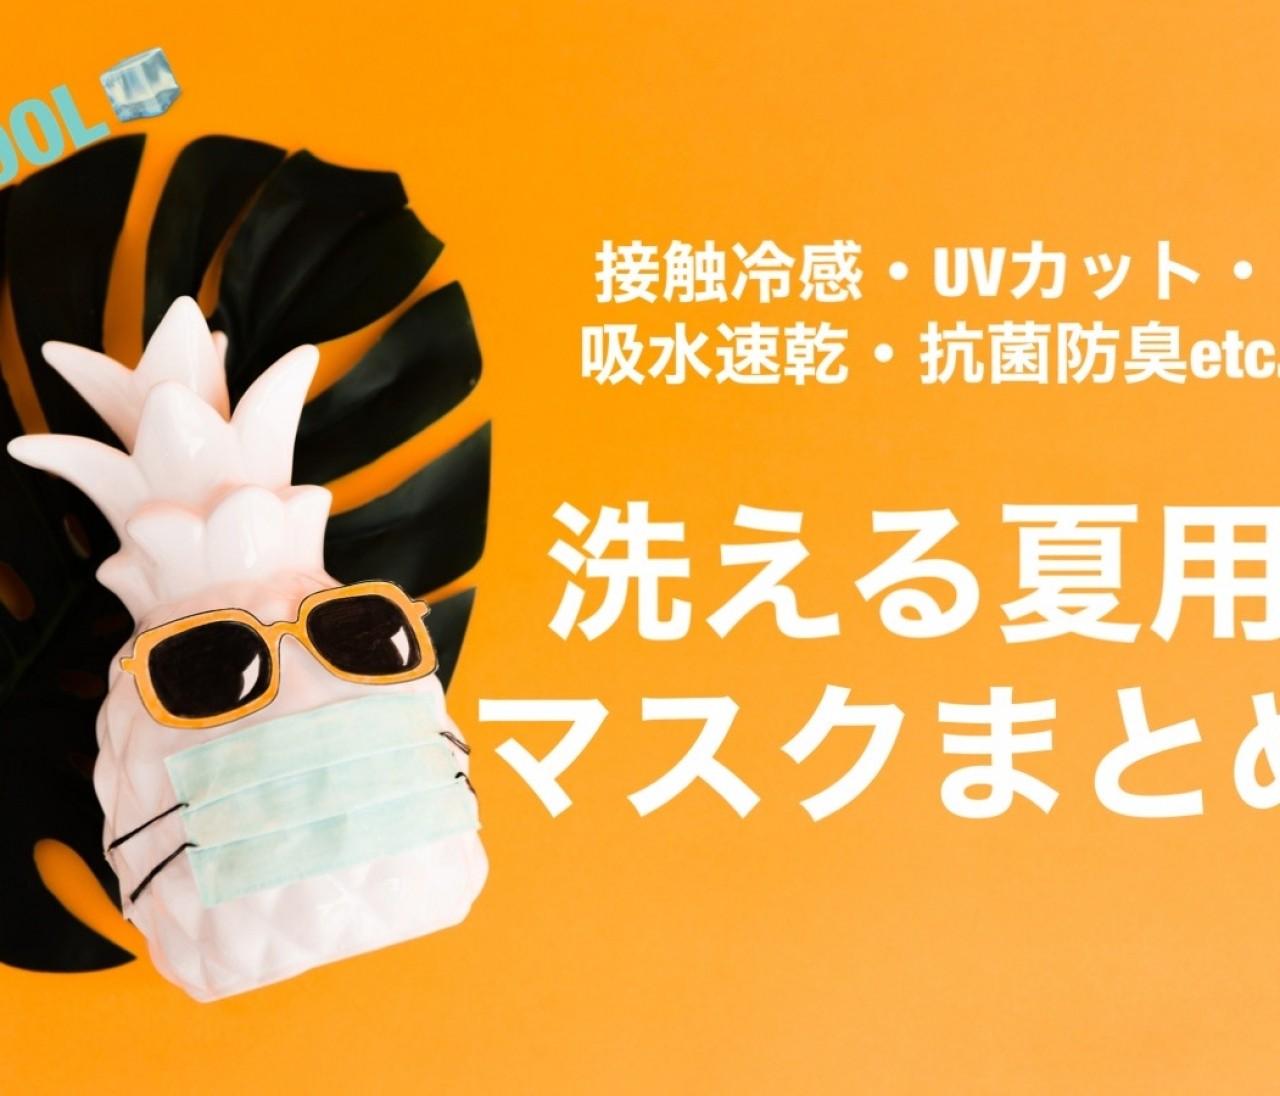 新型コロナ時代の暑さ対策【洗える夏向けマスクまとめ】接触冷感&涼感・吸水速乾・UVカット・抗菌防臭etc.高多機能おすすめマスク大集合!